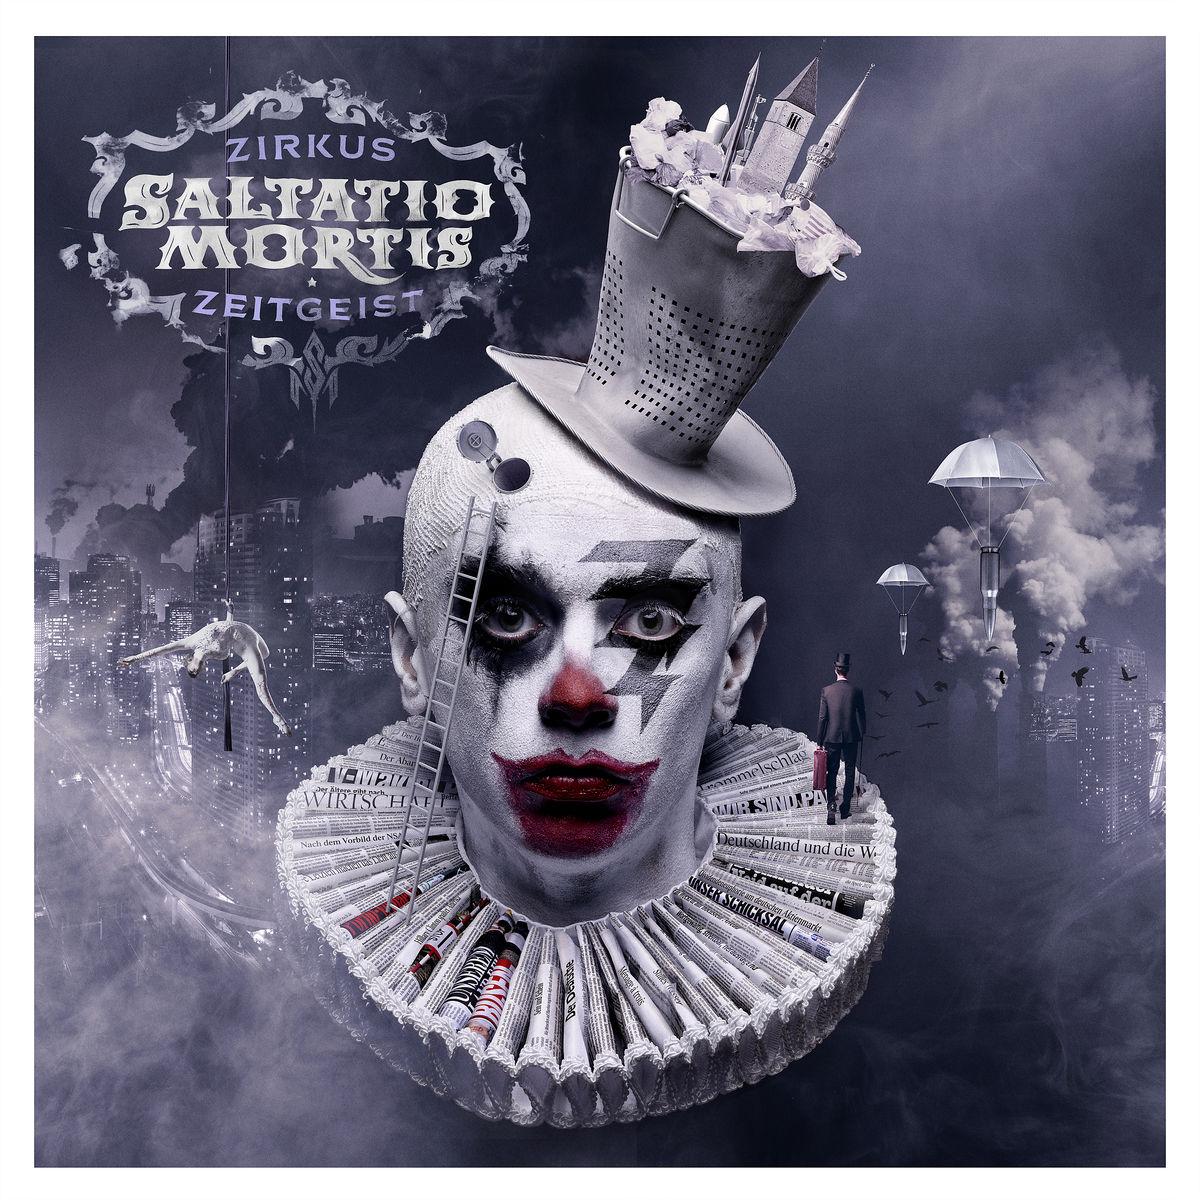 Zirkus Zeitgeist (Farbige 2lp & MP3 Code) von Saltatio Mortis - LP jetzt im Saltatio Mortis Shop